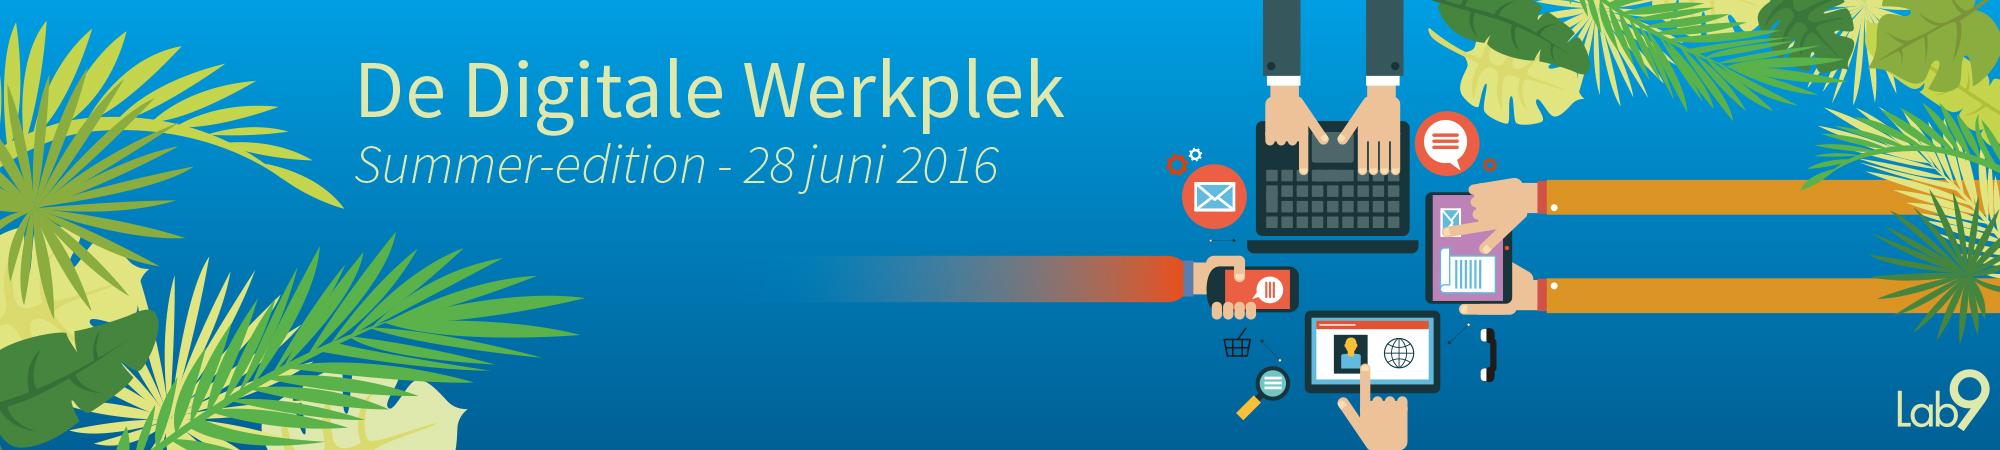 Digitale werkplek - banner